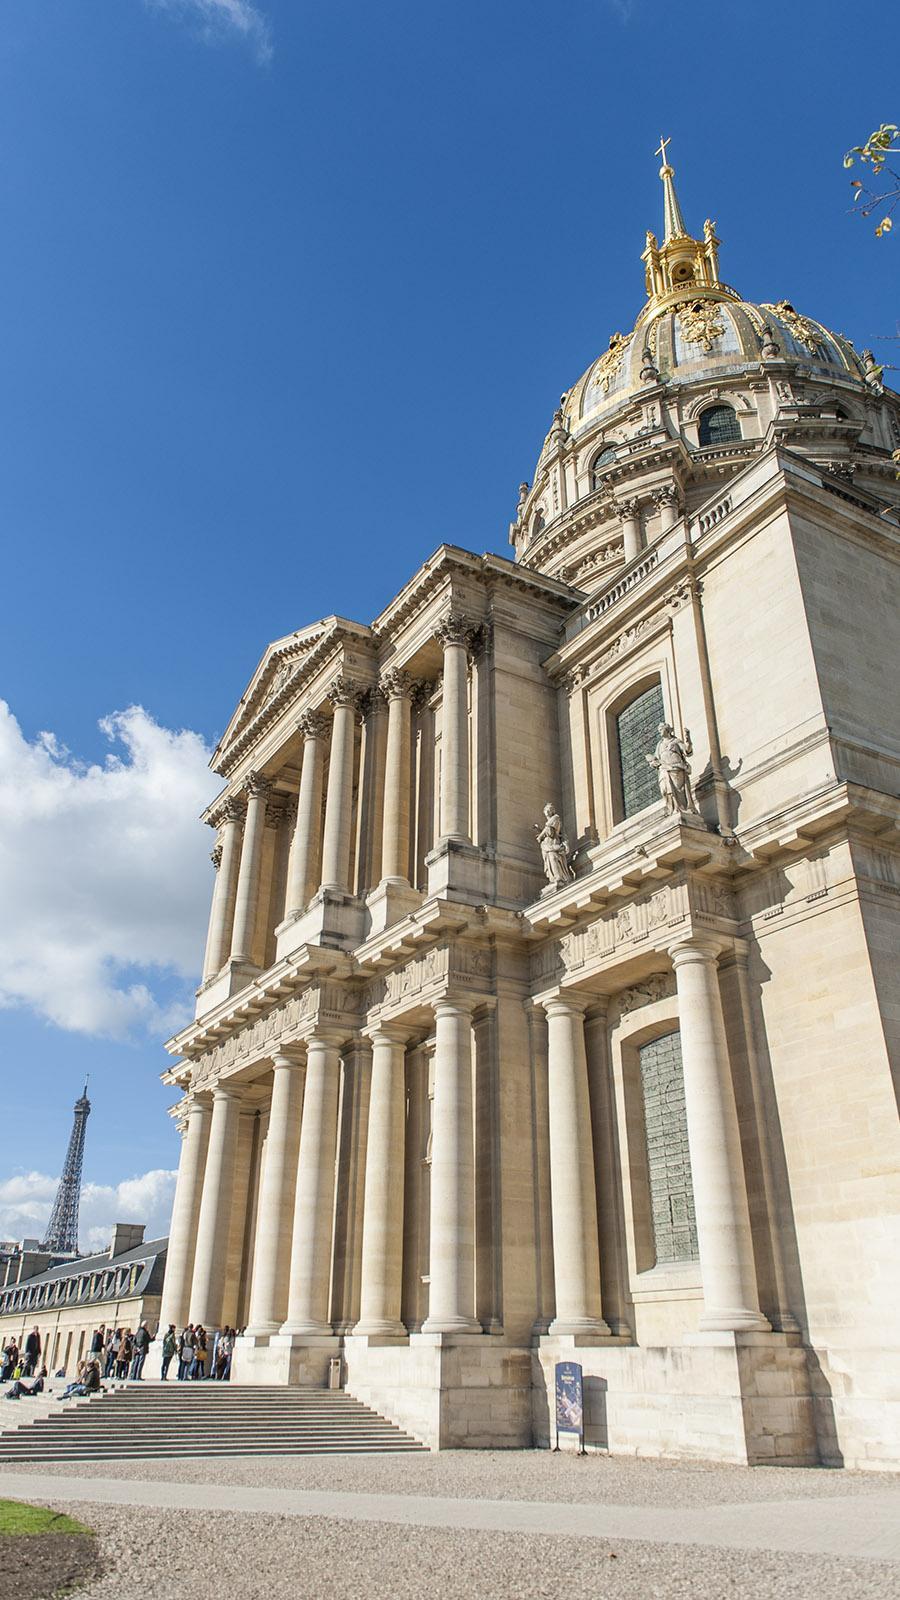 Der bedeutendste barocke Sakralbau Frankreichs: der Invalidendom. Foto: Hilke Maunder